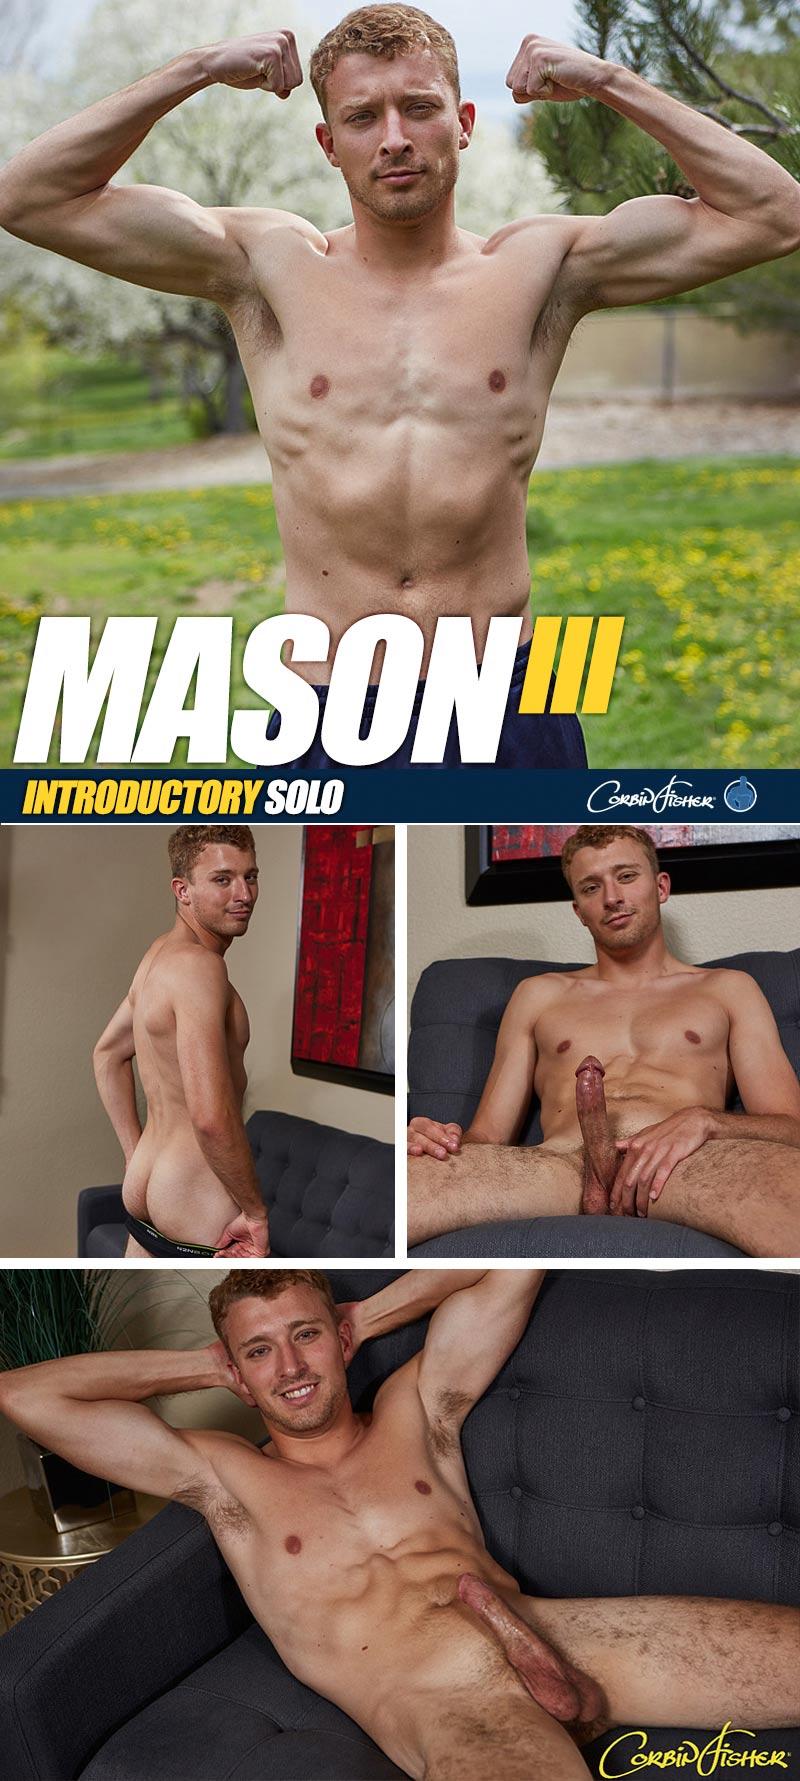 Mason III at CorbinFisher